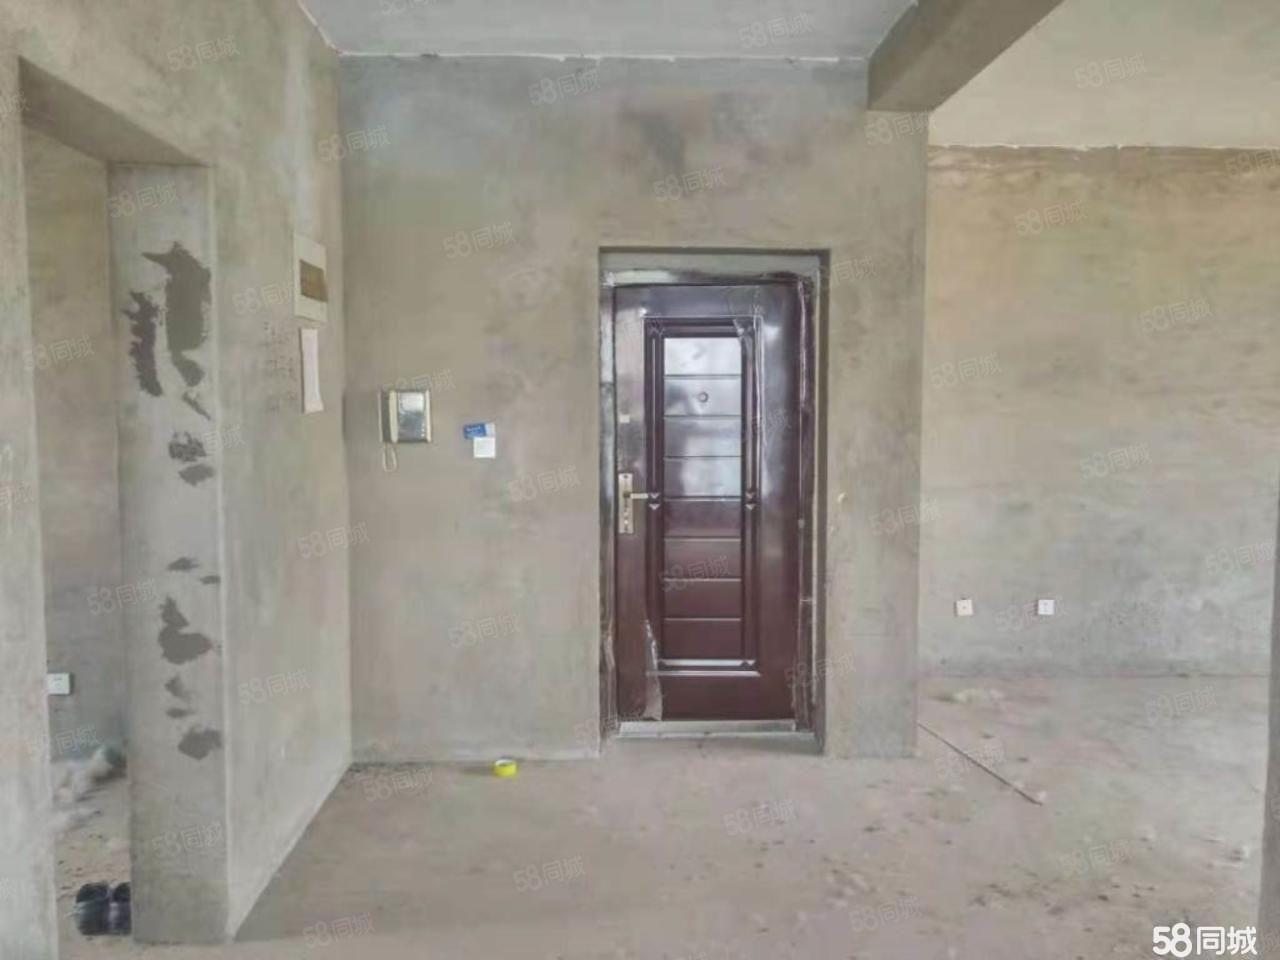 舜和雅苑毛坯3室,经典户型,有证能贷款性价比超高,首付10万